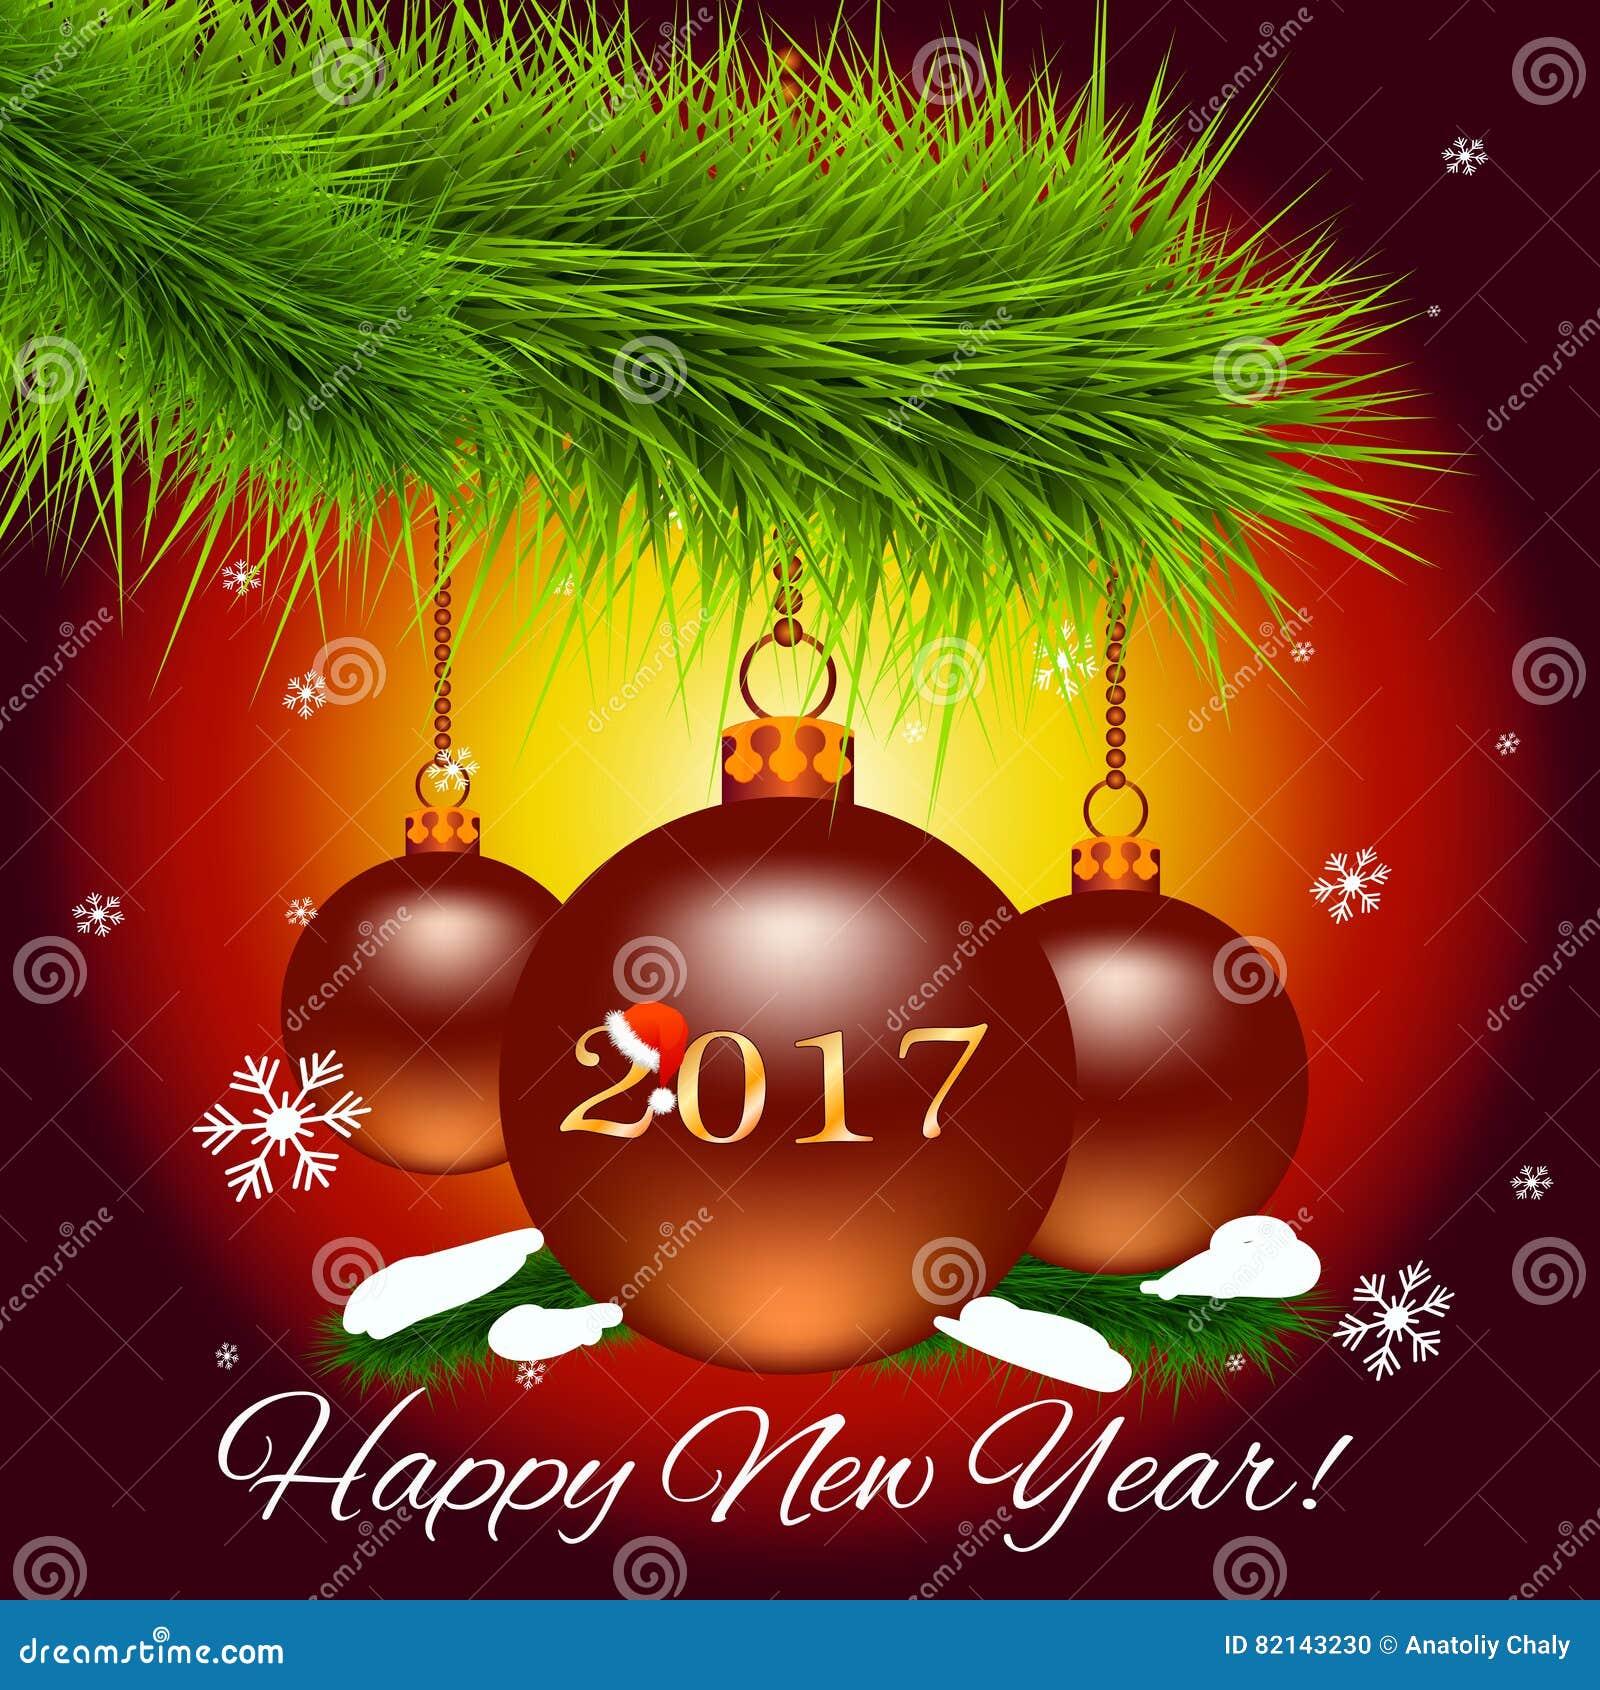 Weihnachtskarte Mit Weihnachtsbaumast Und Weihnachtsbällen Und Das ...